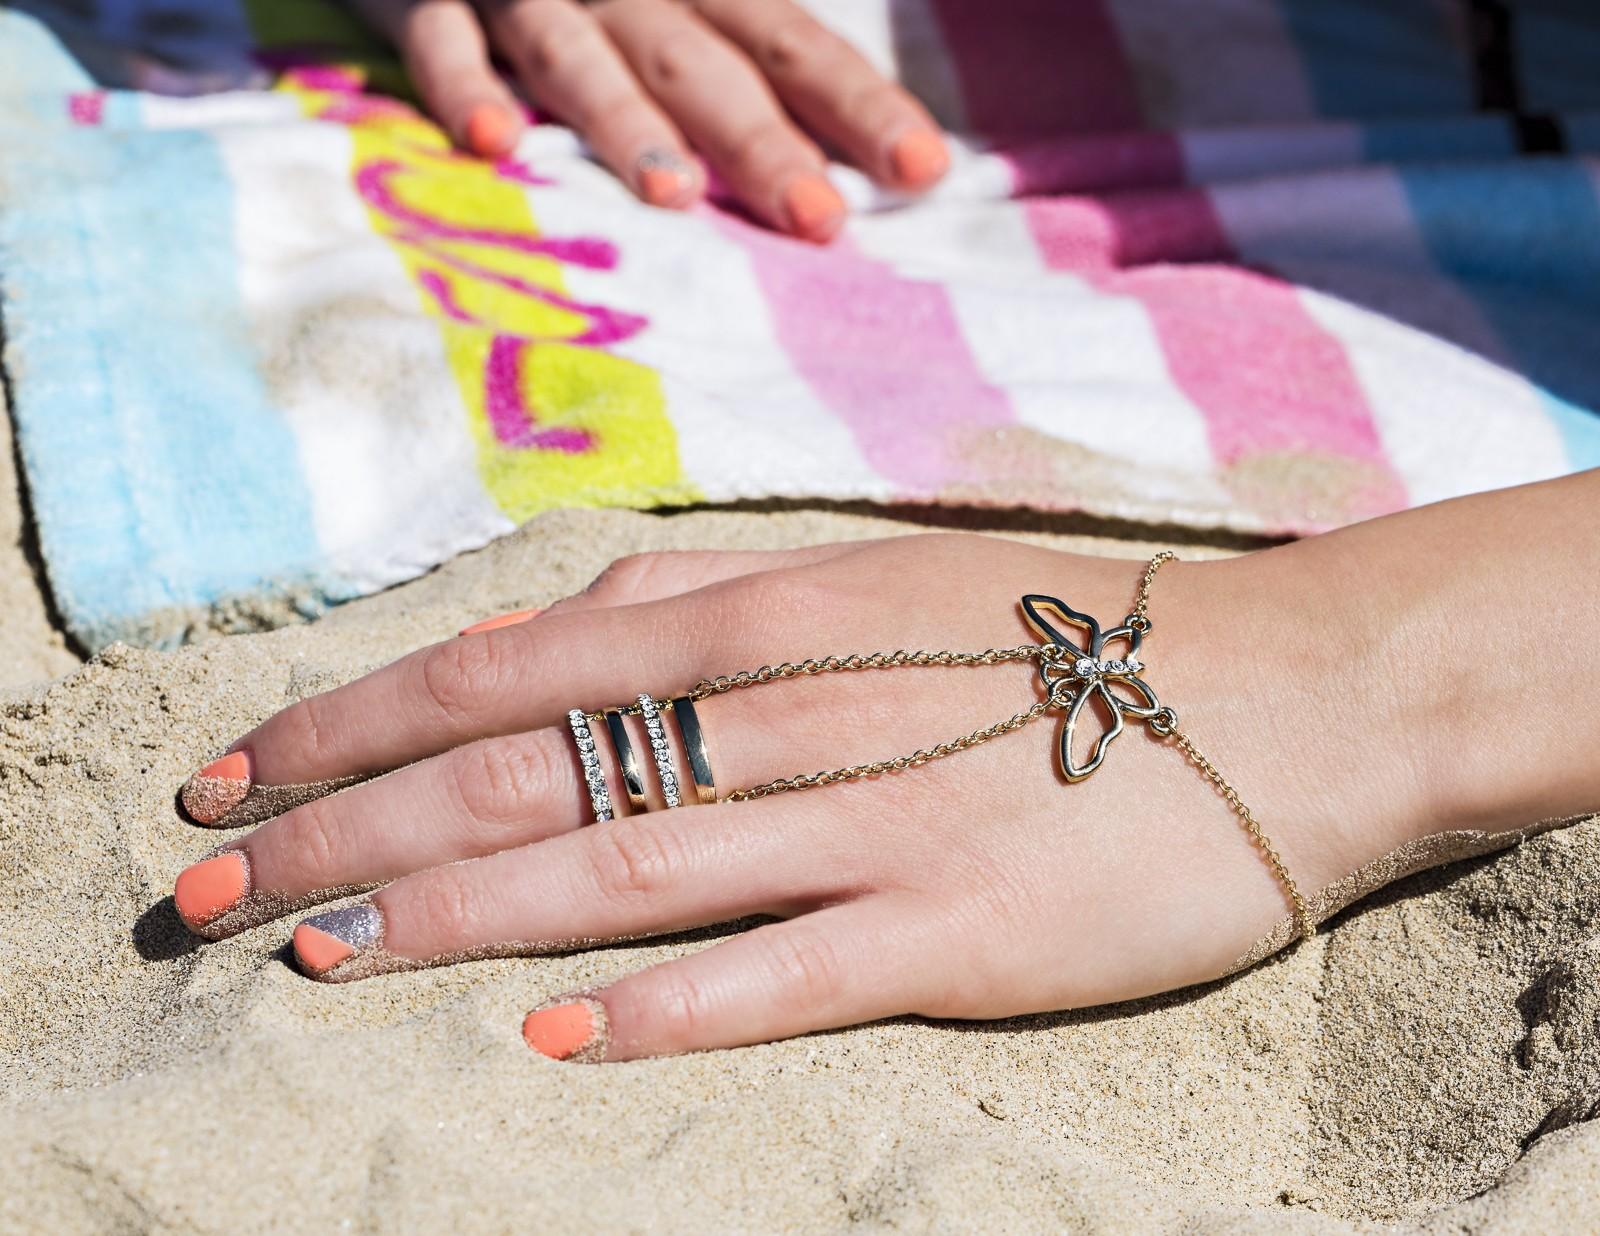 Butterfly Handchain